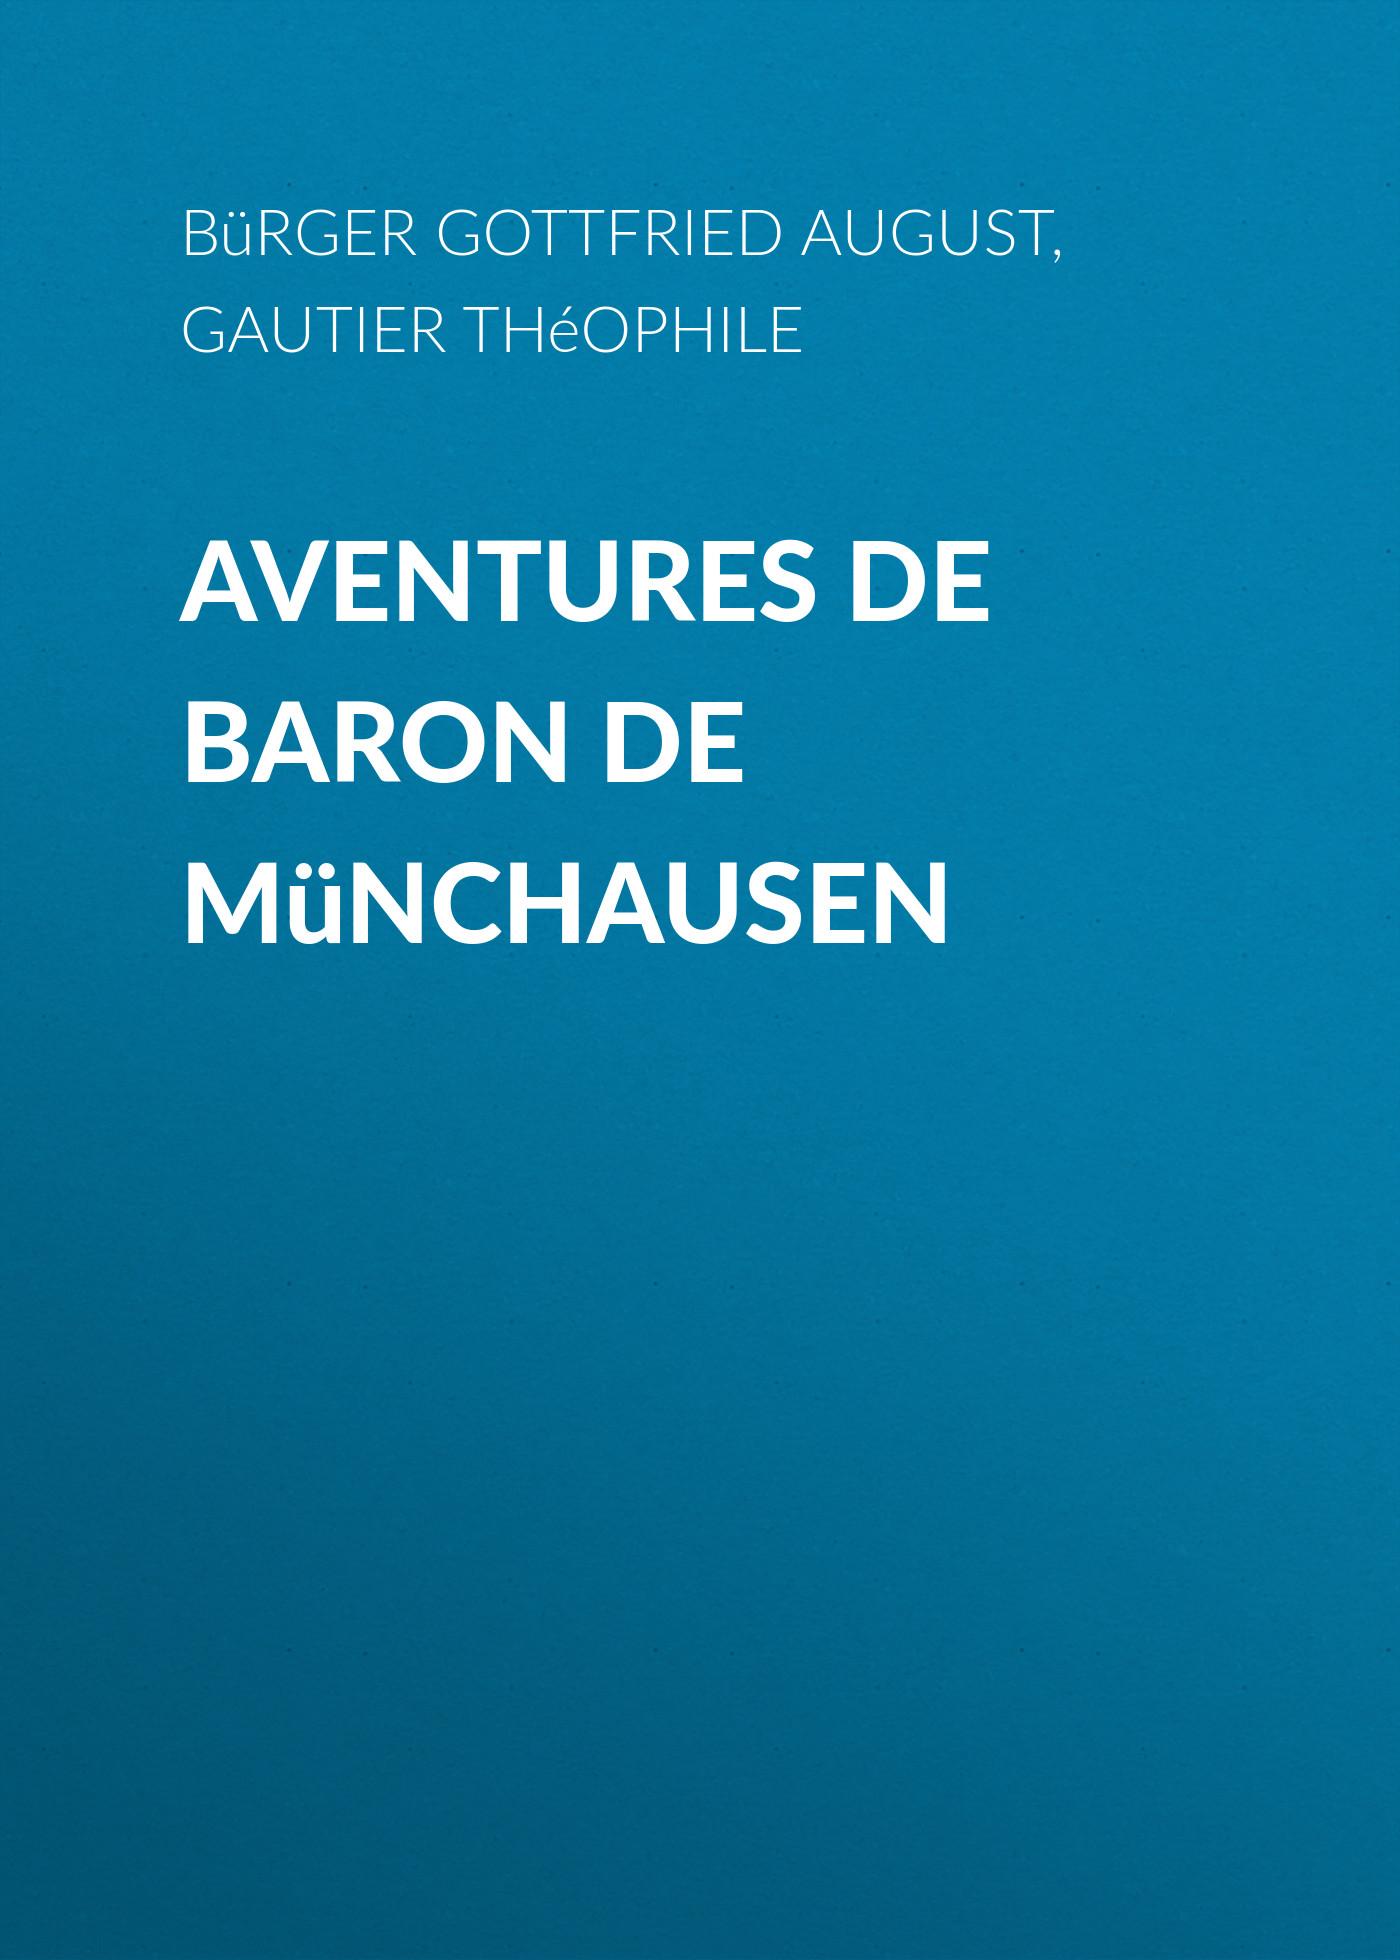 Рудольф Эрих Распе Aventures de Baron de Münchausen baron de pierre marie joseph bonnefoux mémoires du baron de bonnefoux capitaine de vaisseau 1782 1855